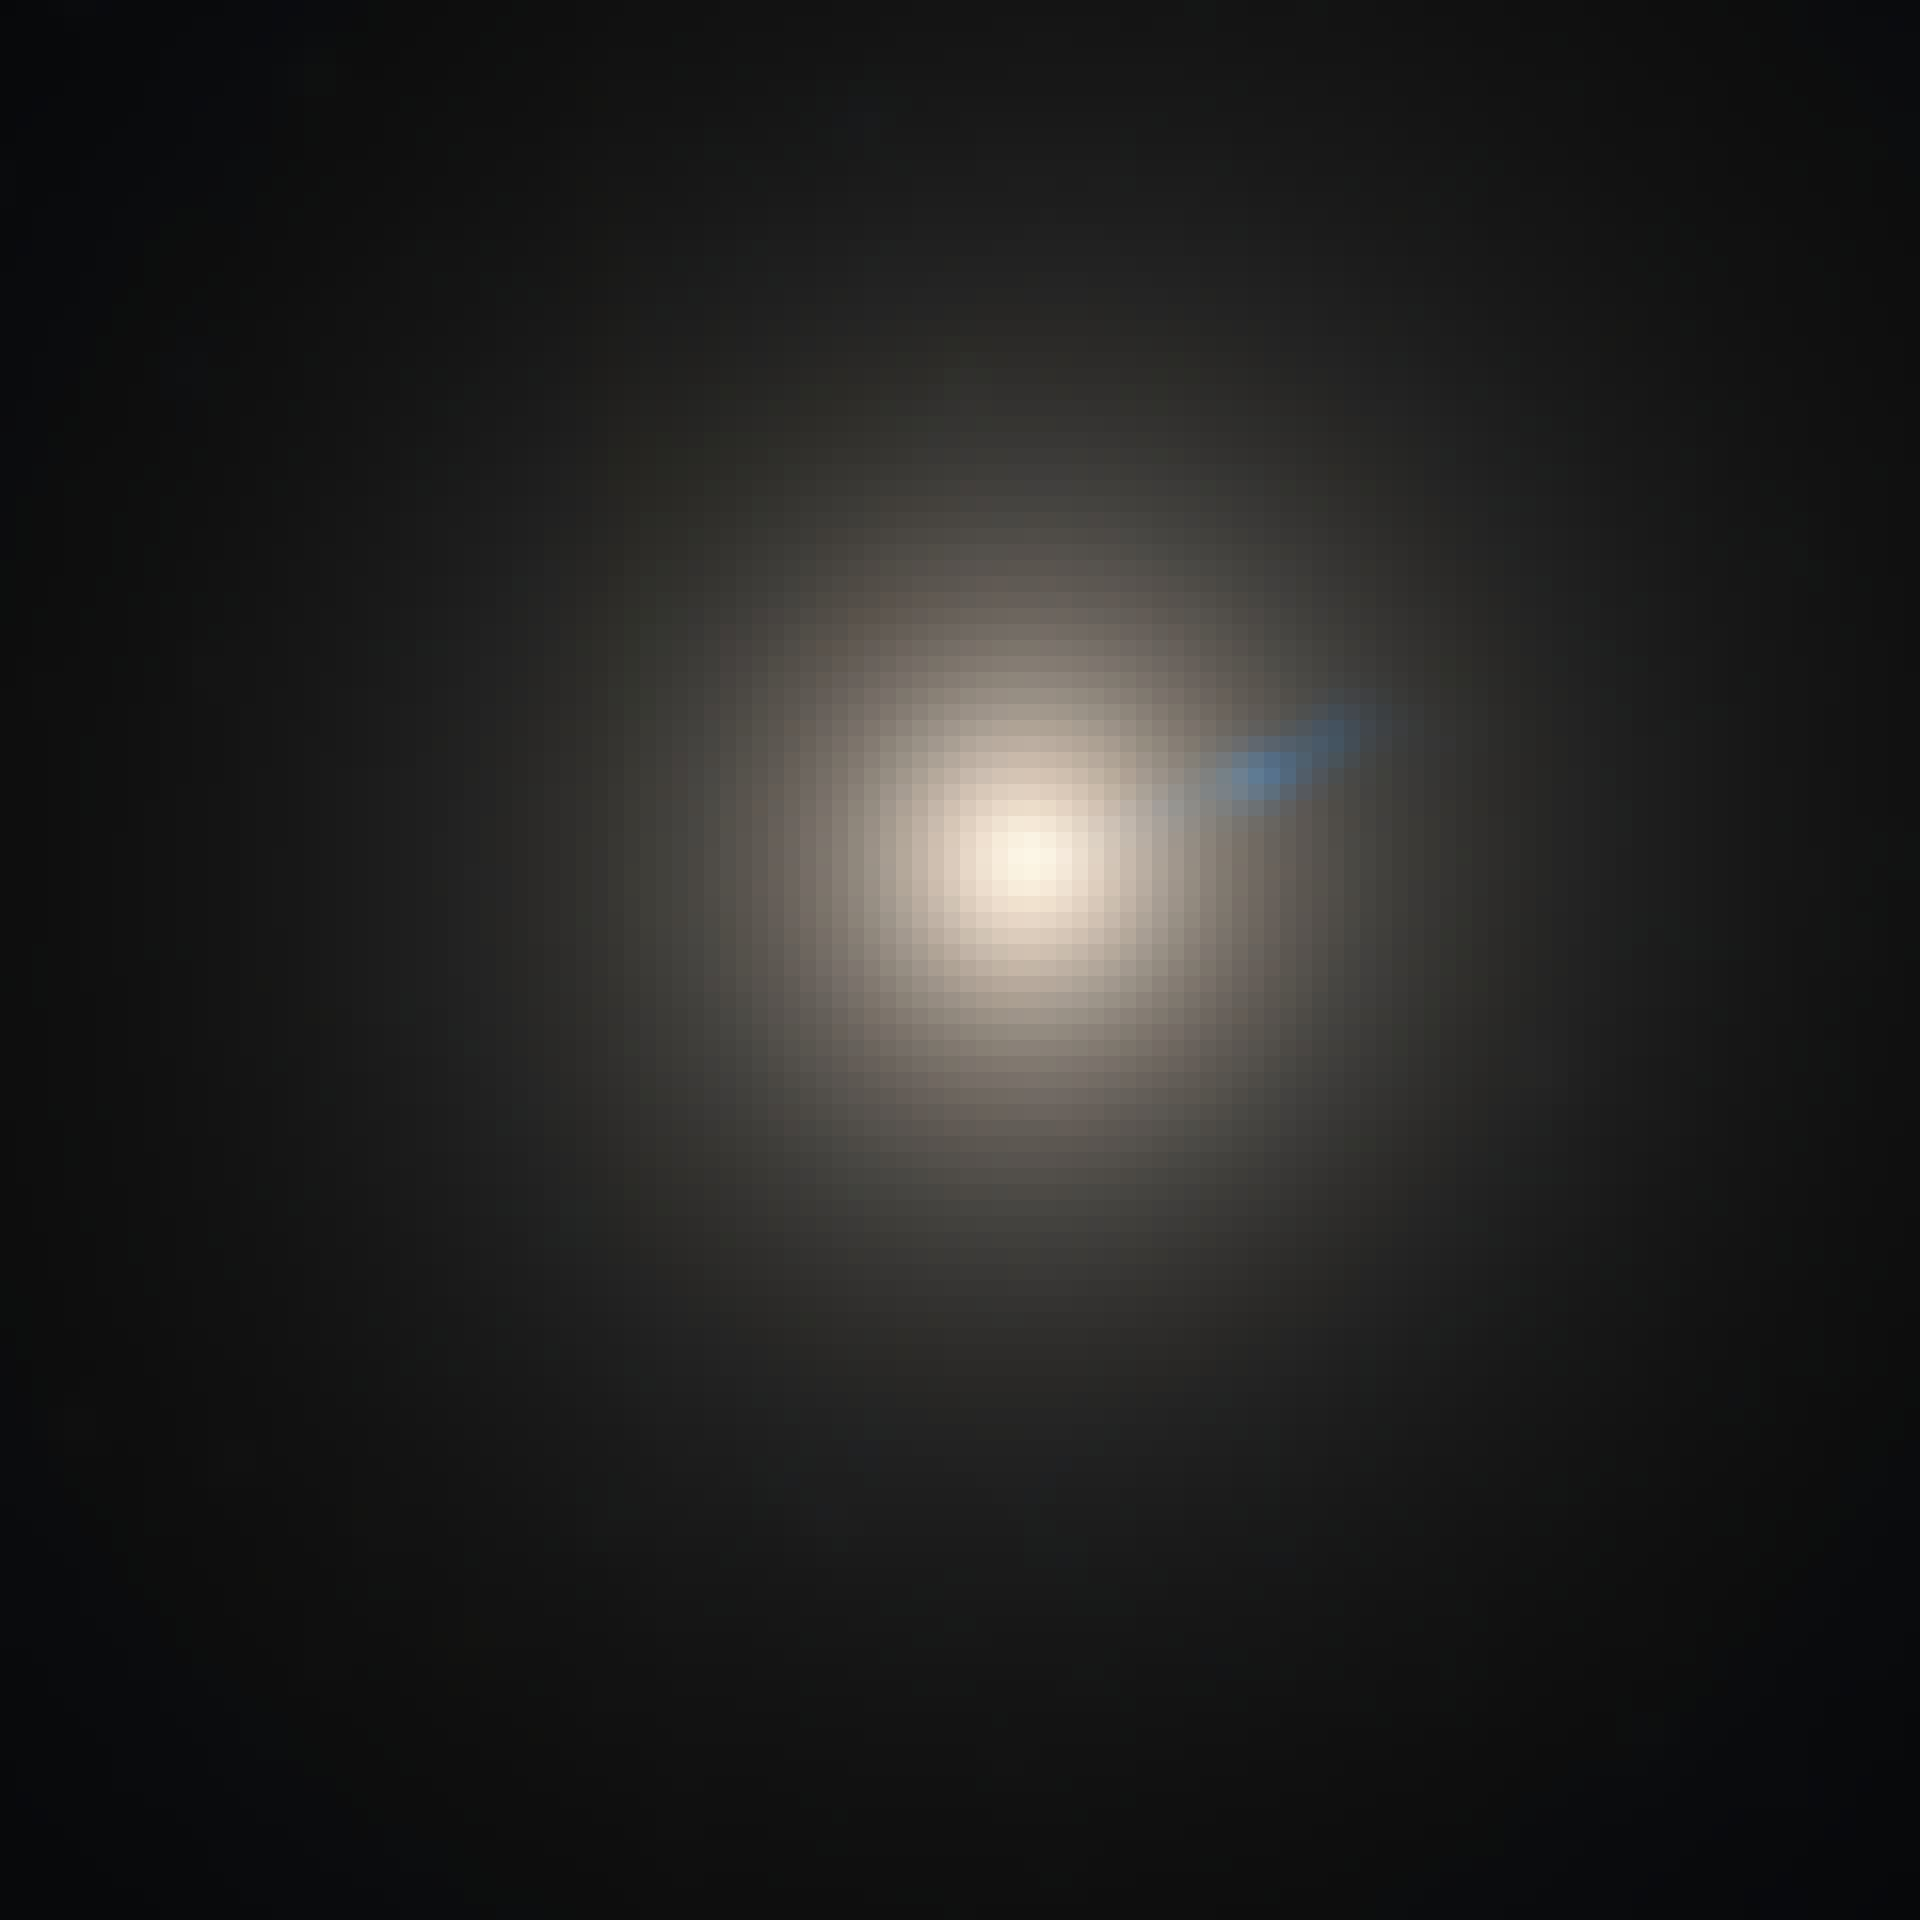 M87 – Het reusachtige elliptische stelsel